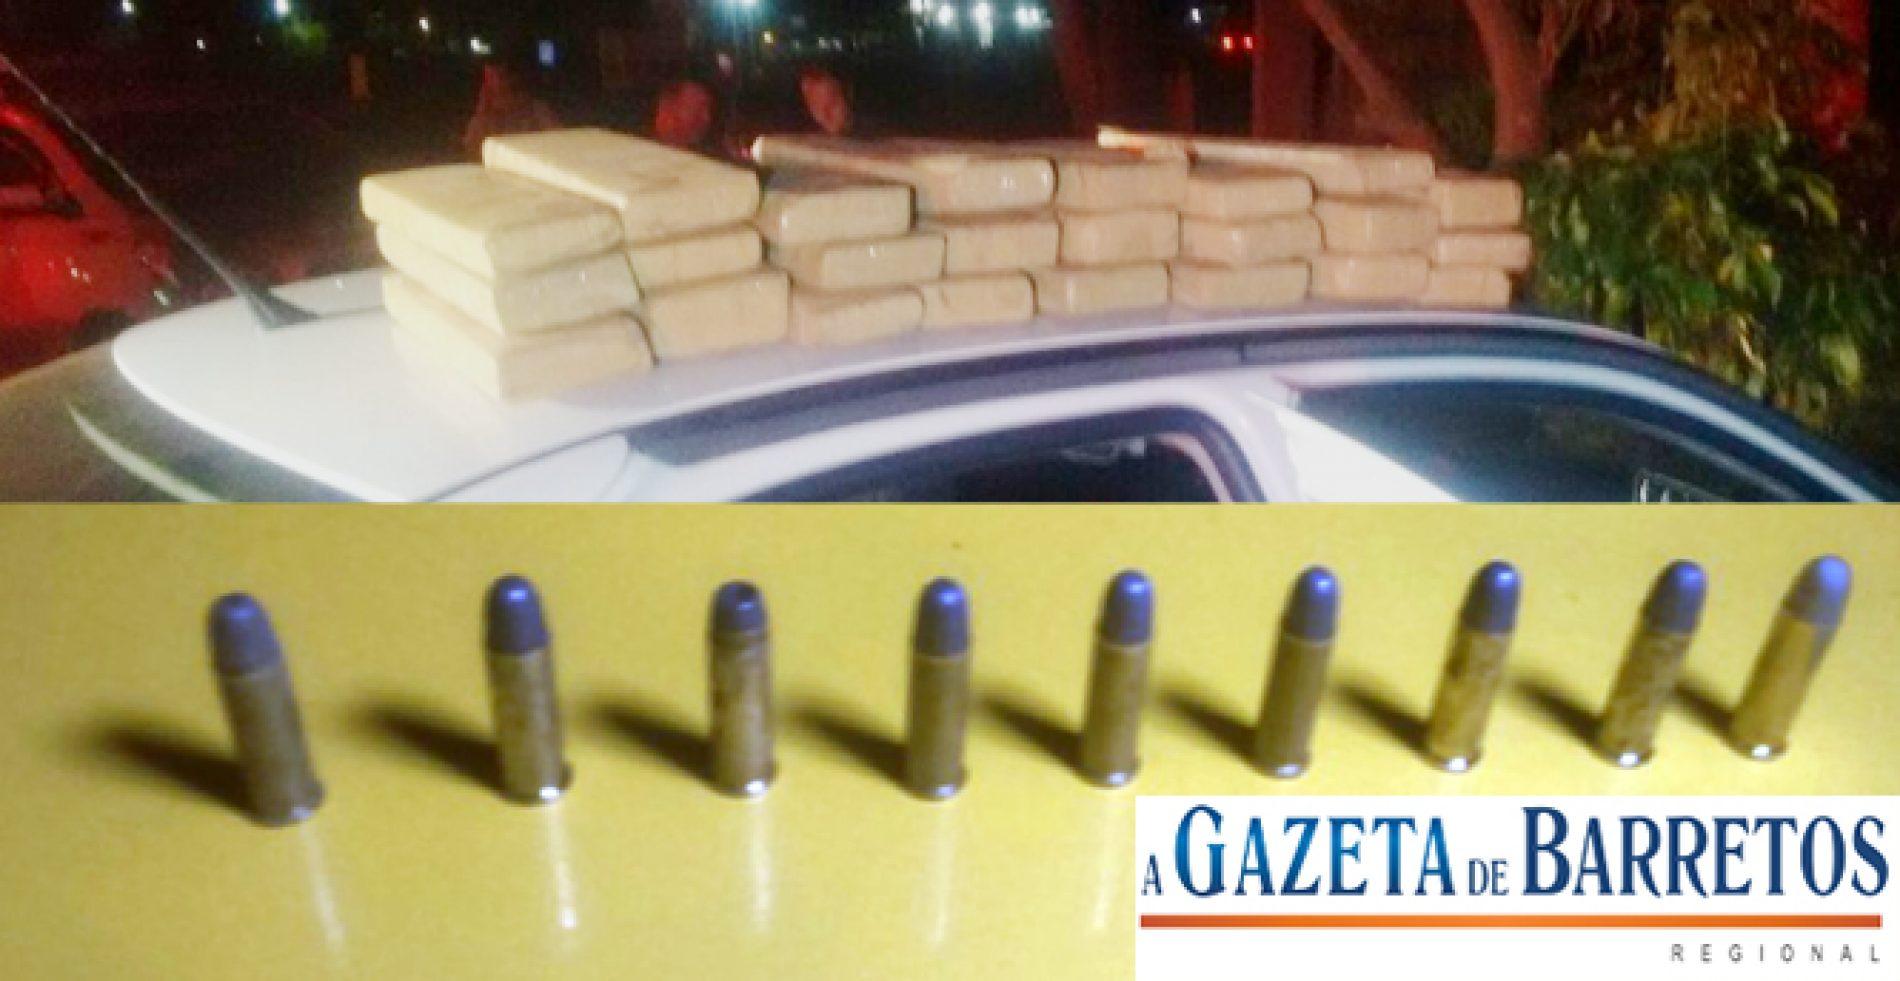 Após perseguição em rodovia, homens são presos com mais de 26 quilos de maconha, dinheiro e munições